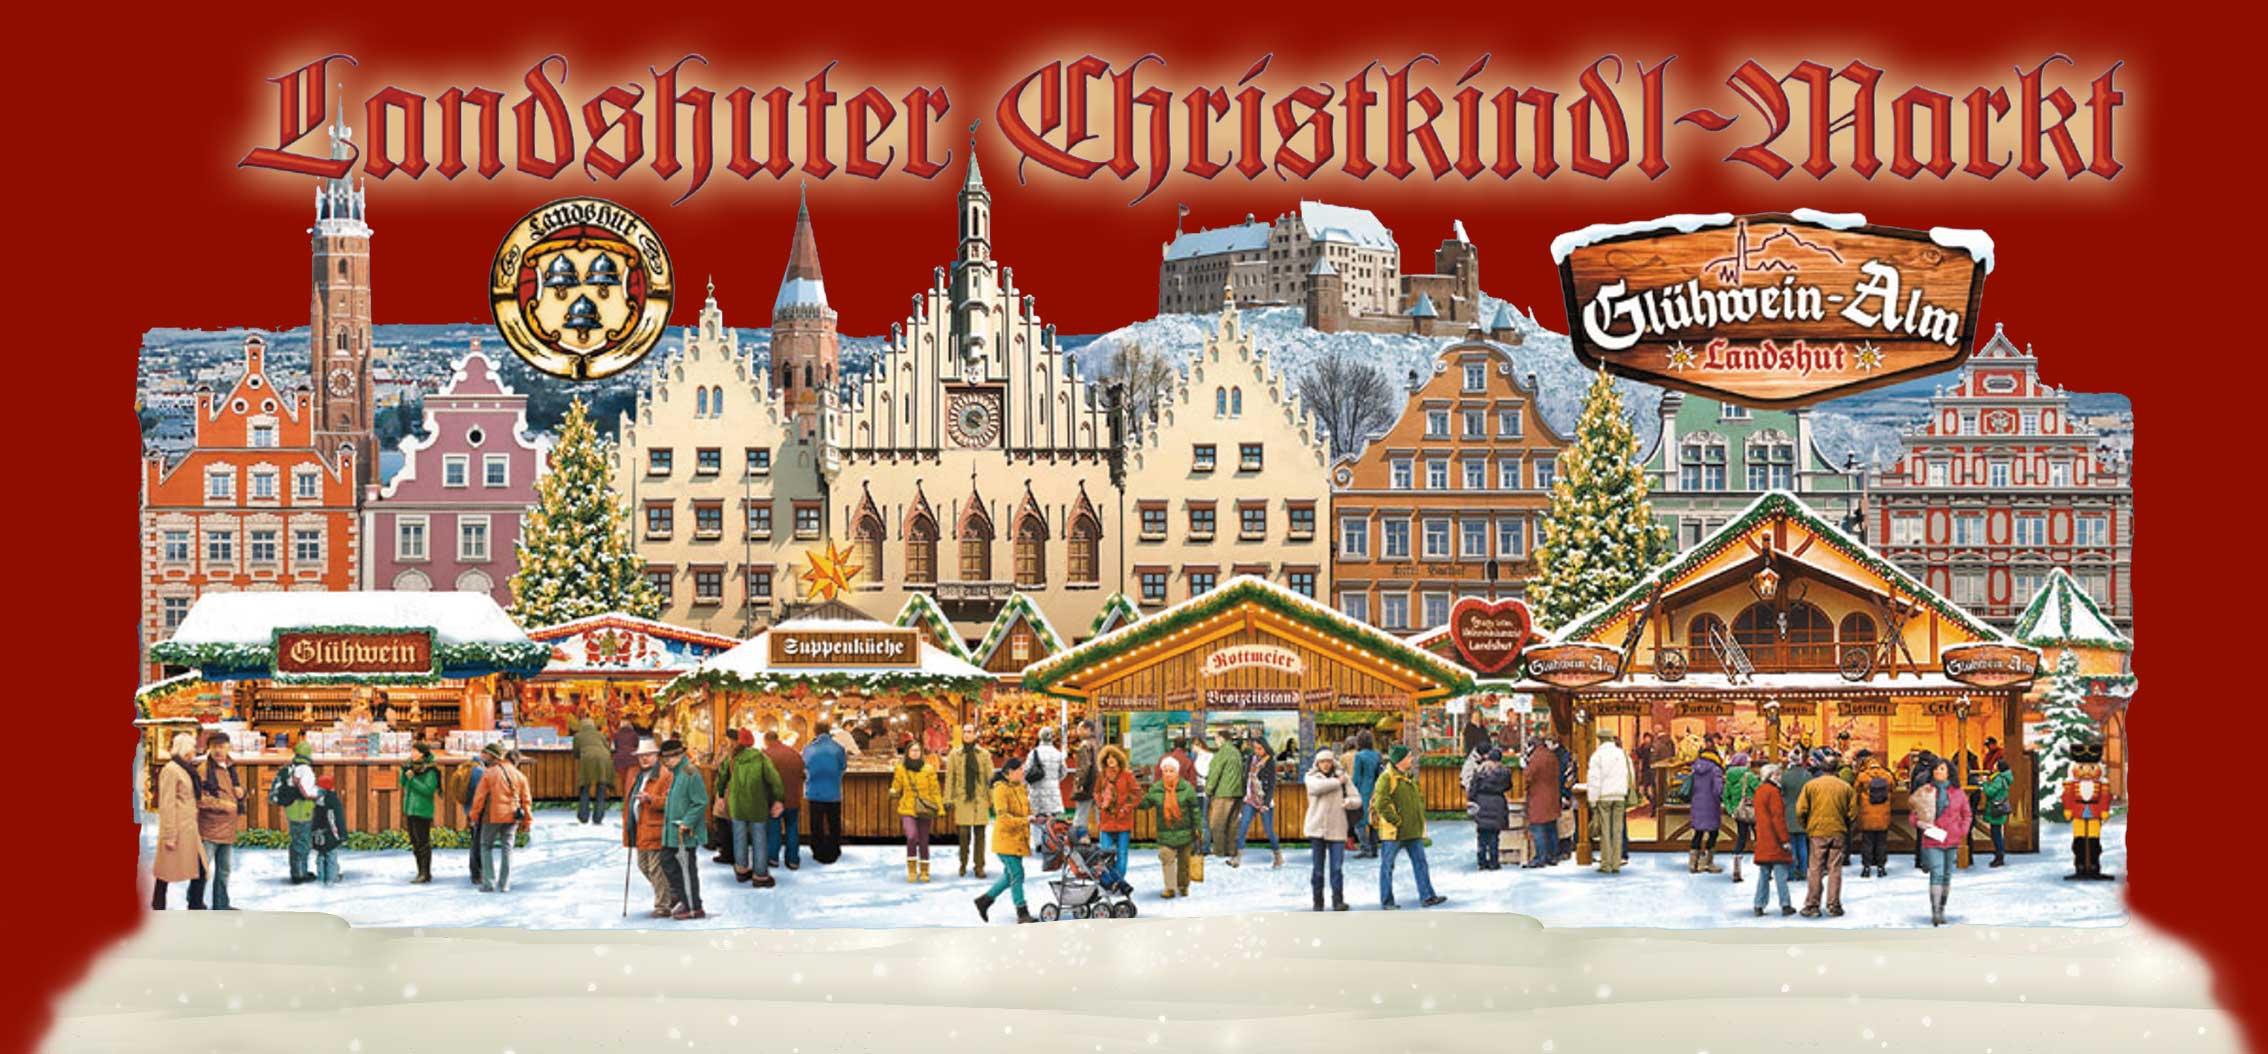 christkindlmarkt-landshut-guehwein-alm-bg-005